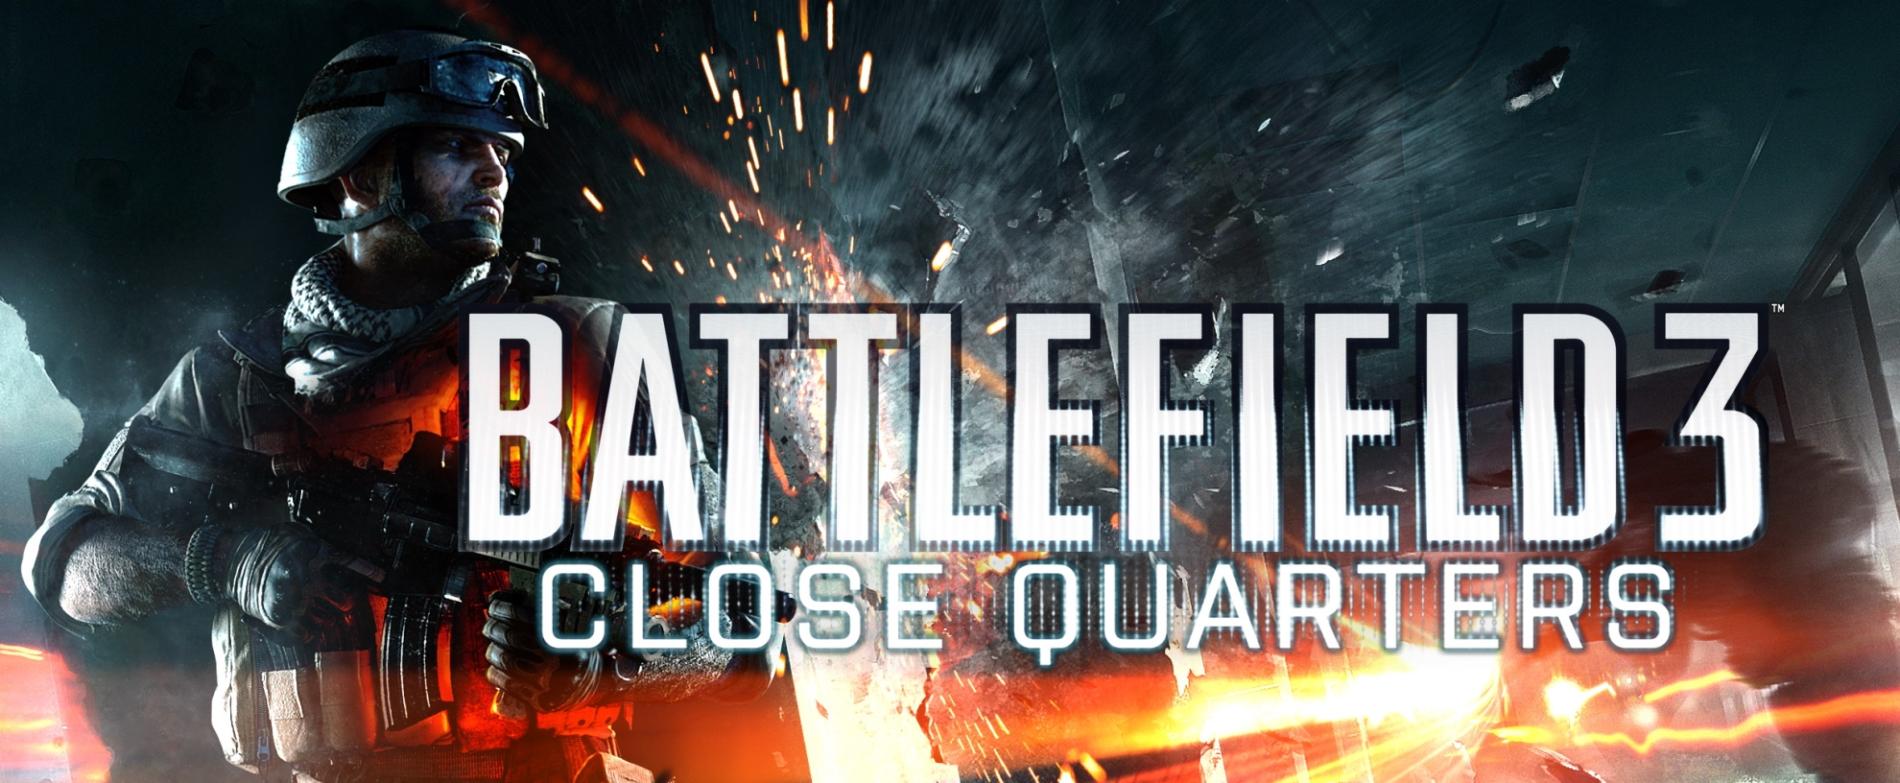 Battlefield 3 gamespy три вещи которые я узнал